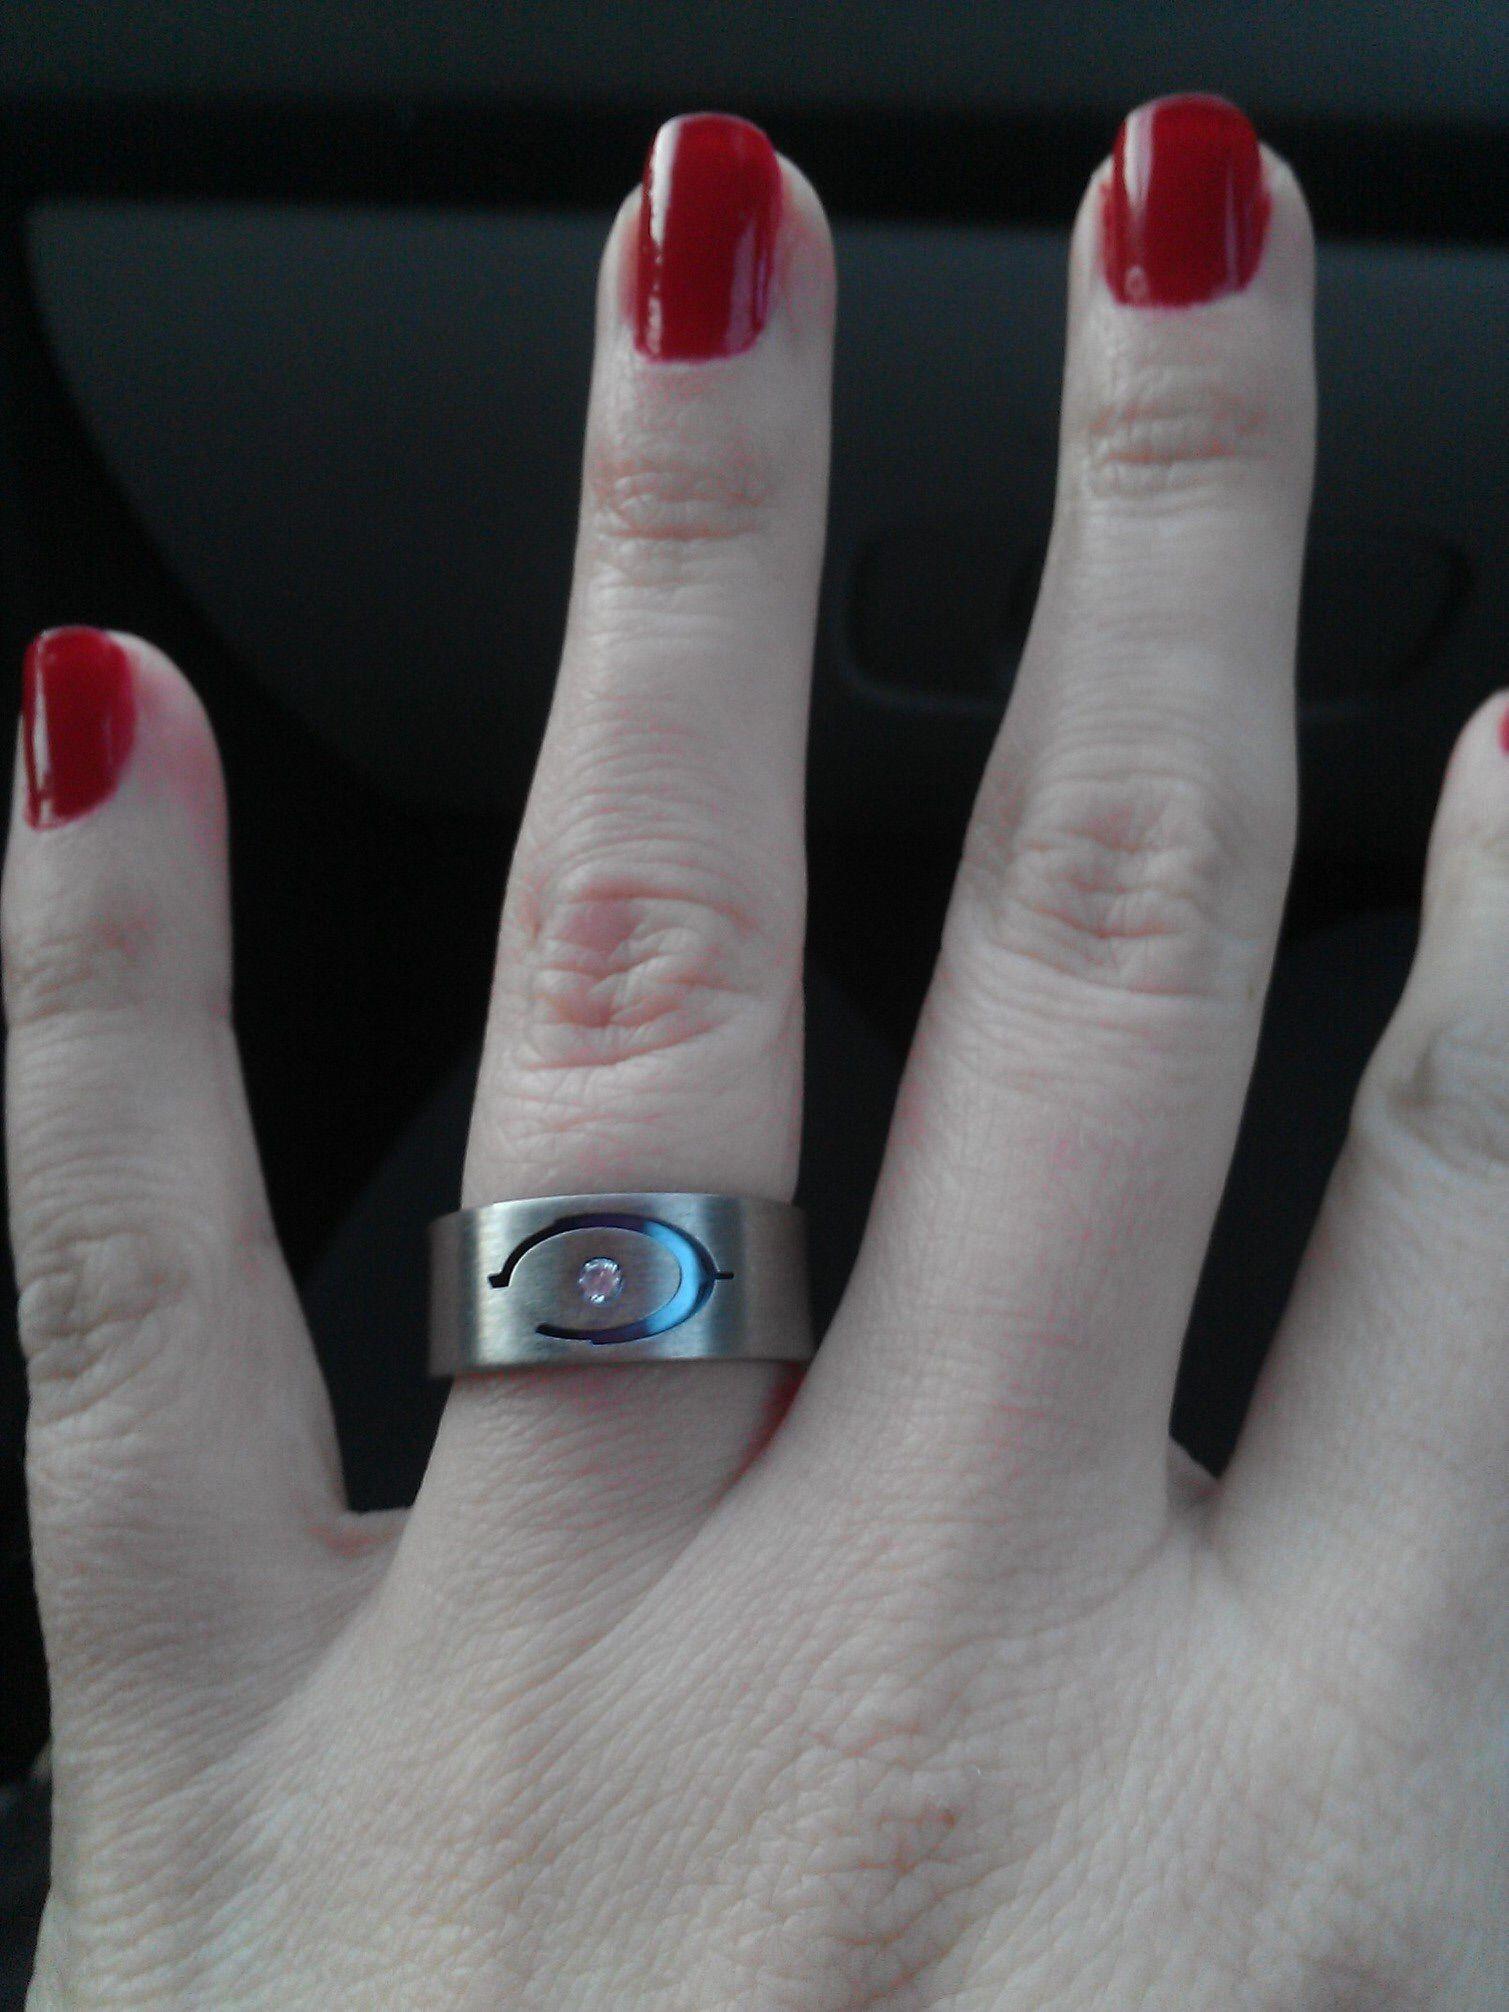 gamer wedding rings Gaming Halo Engagement Ring